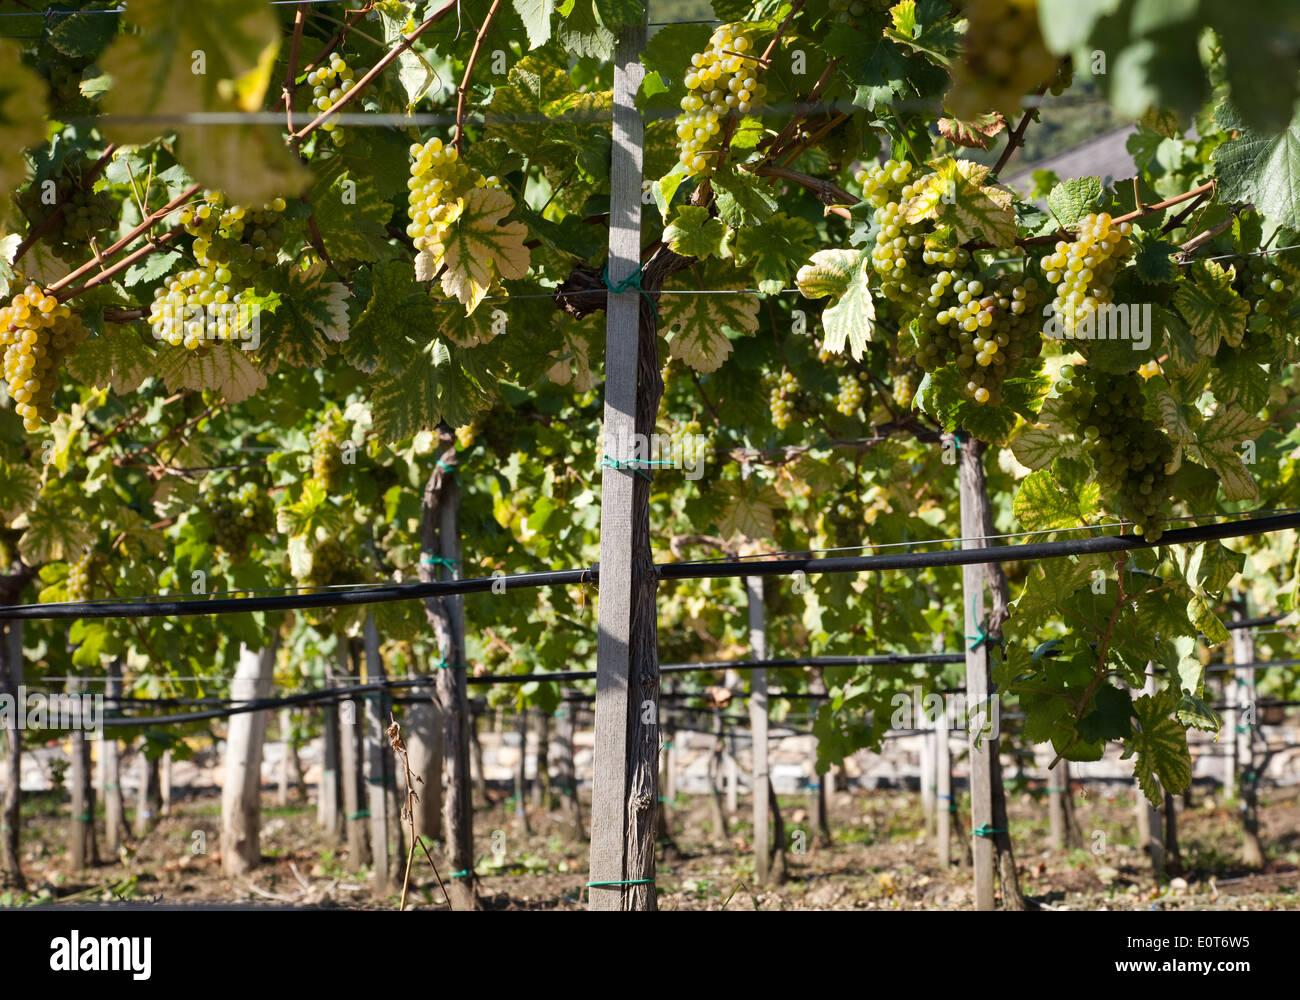 Weinberg, Weinstöcke in der Wachau, Niederösterreich, Österreich - Vineyard, Austria, Wachau Region Stock Photo